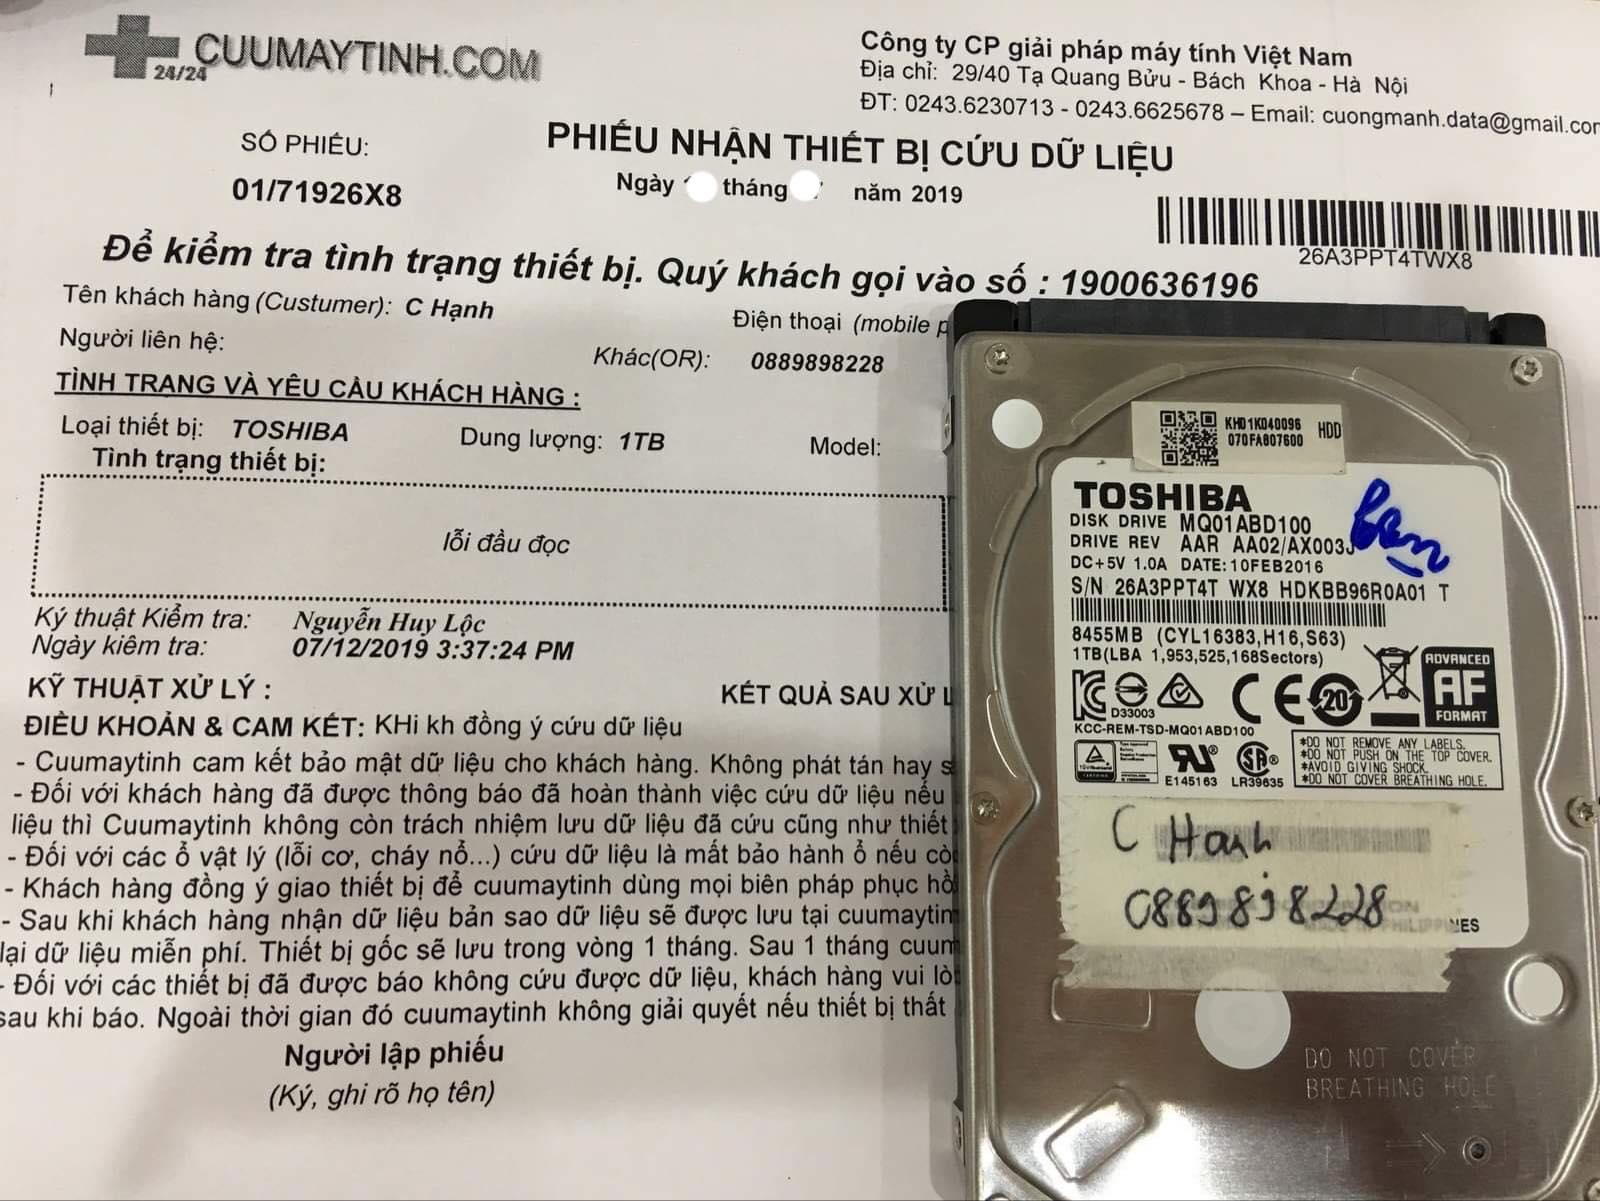 Lấy dữ liệu ổ cứng Toshiba 1TB lỗi đầu đọc 06/08/2019 - cuumaytinh